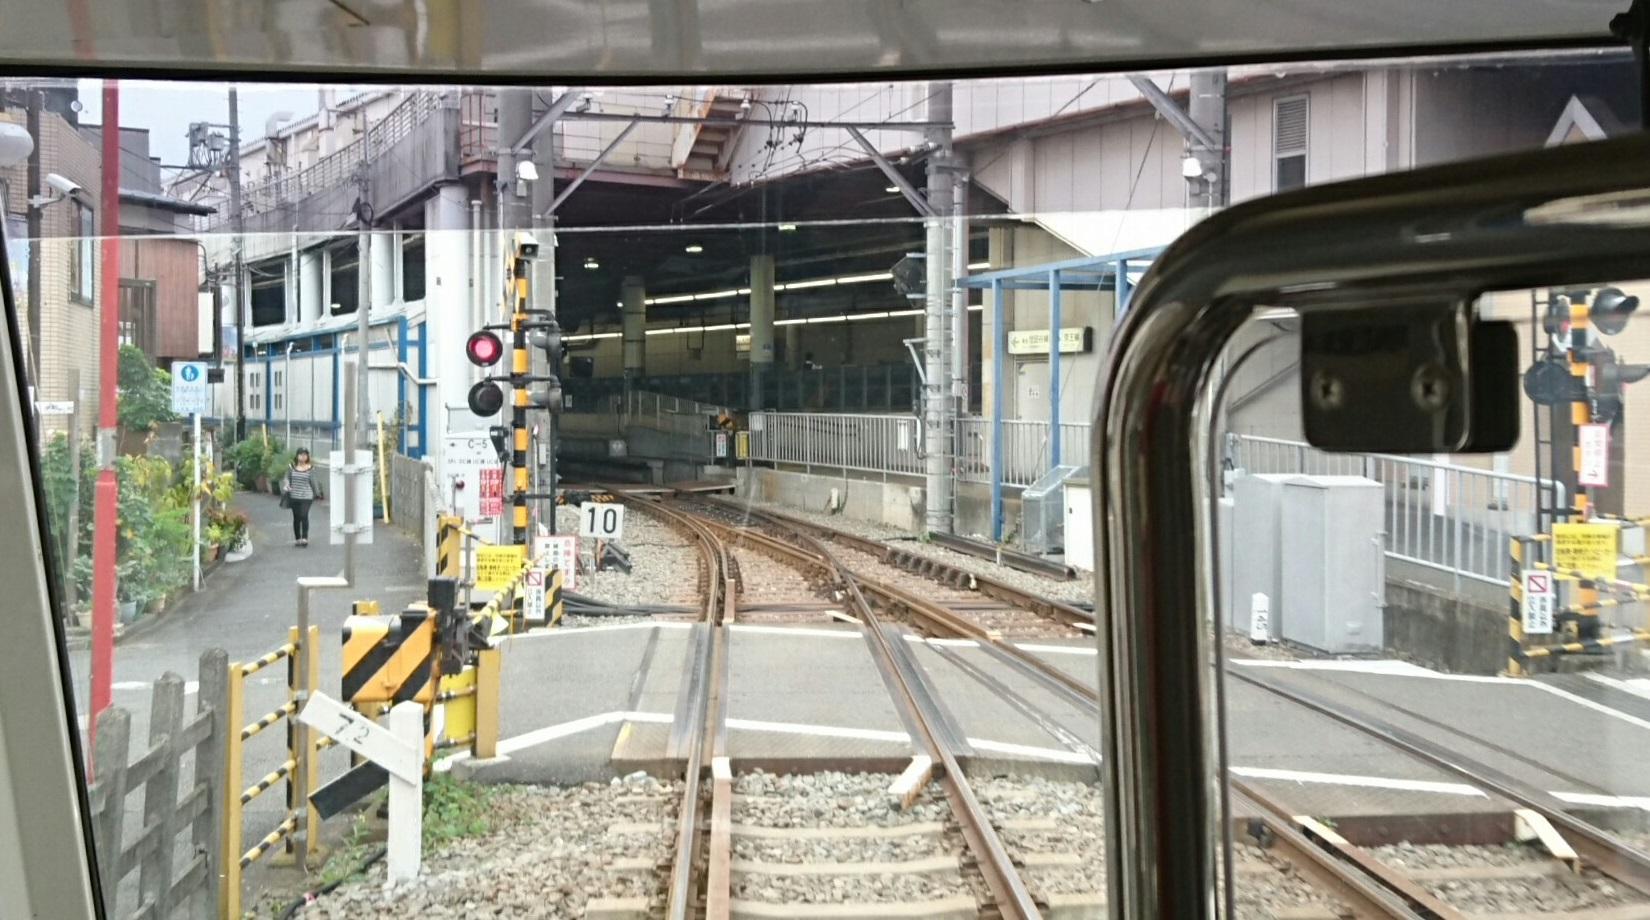 2017.10.12 東京 (130) 下高井戸いきふつう - 下高井戸 1650-920